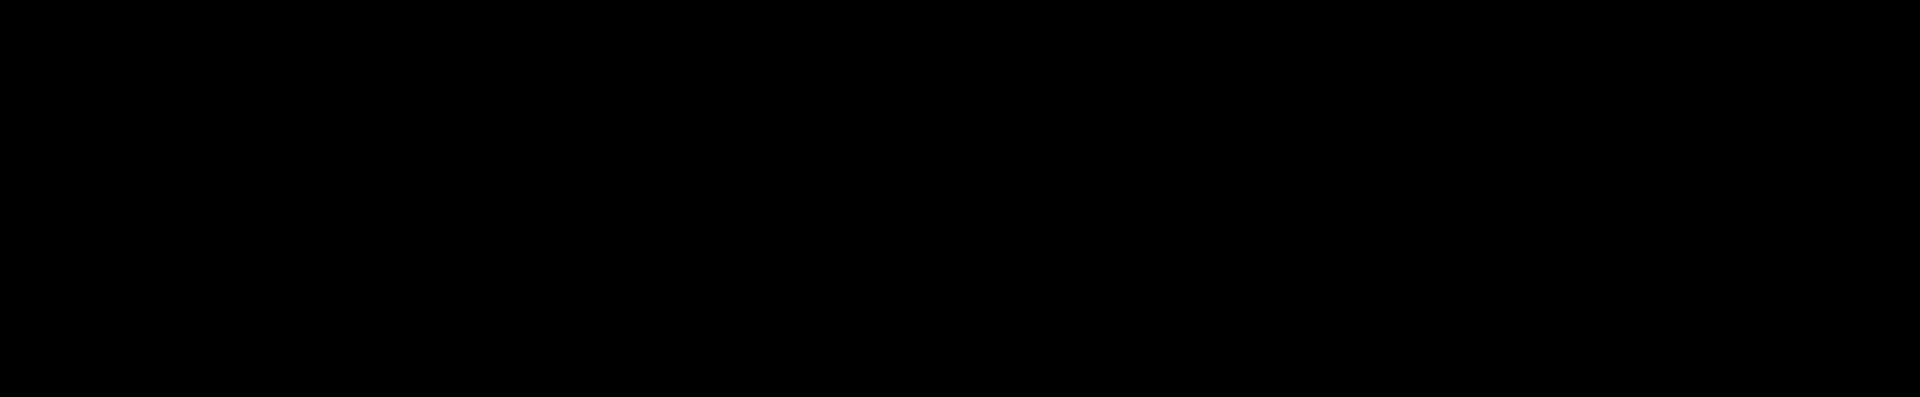 Logotipo Pandora 2019 blanco y negro